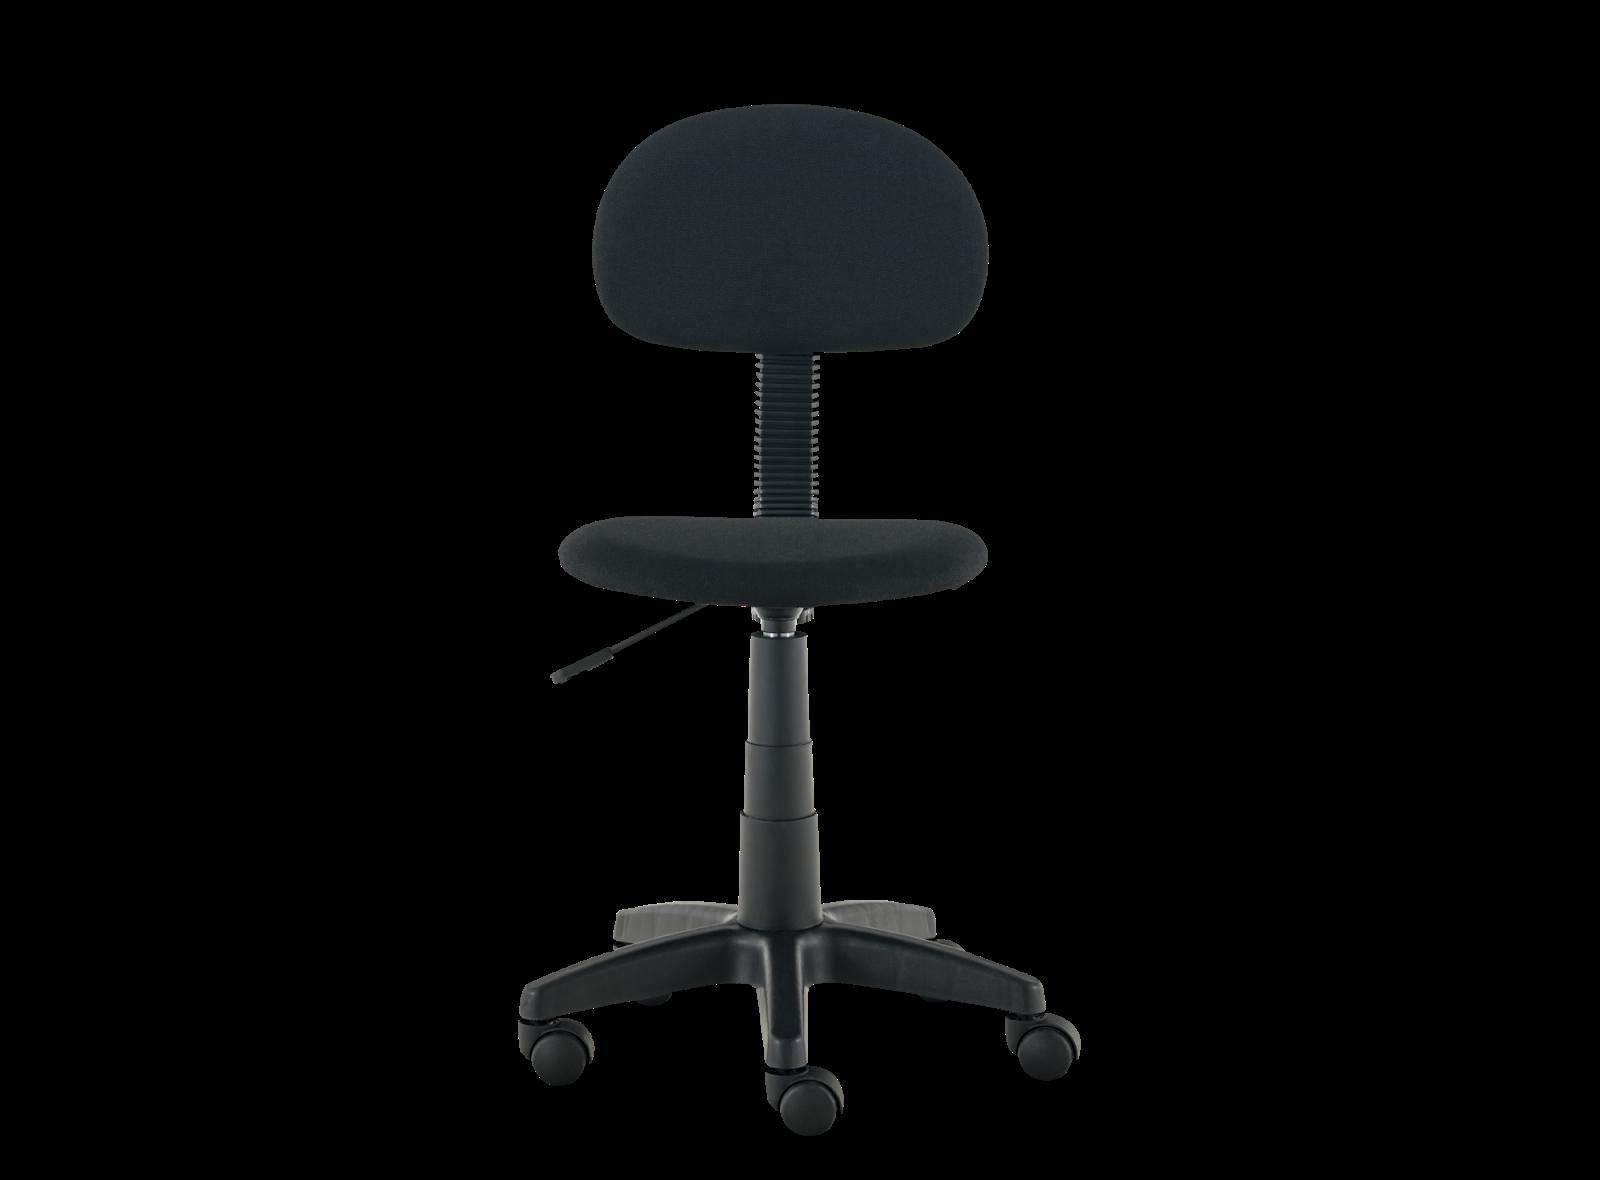 Lesthtique Un Paramtre Indispensable Pour Votre Chaise Bureau